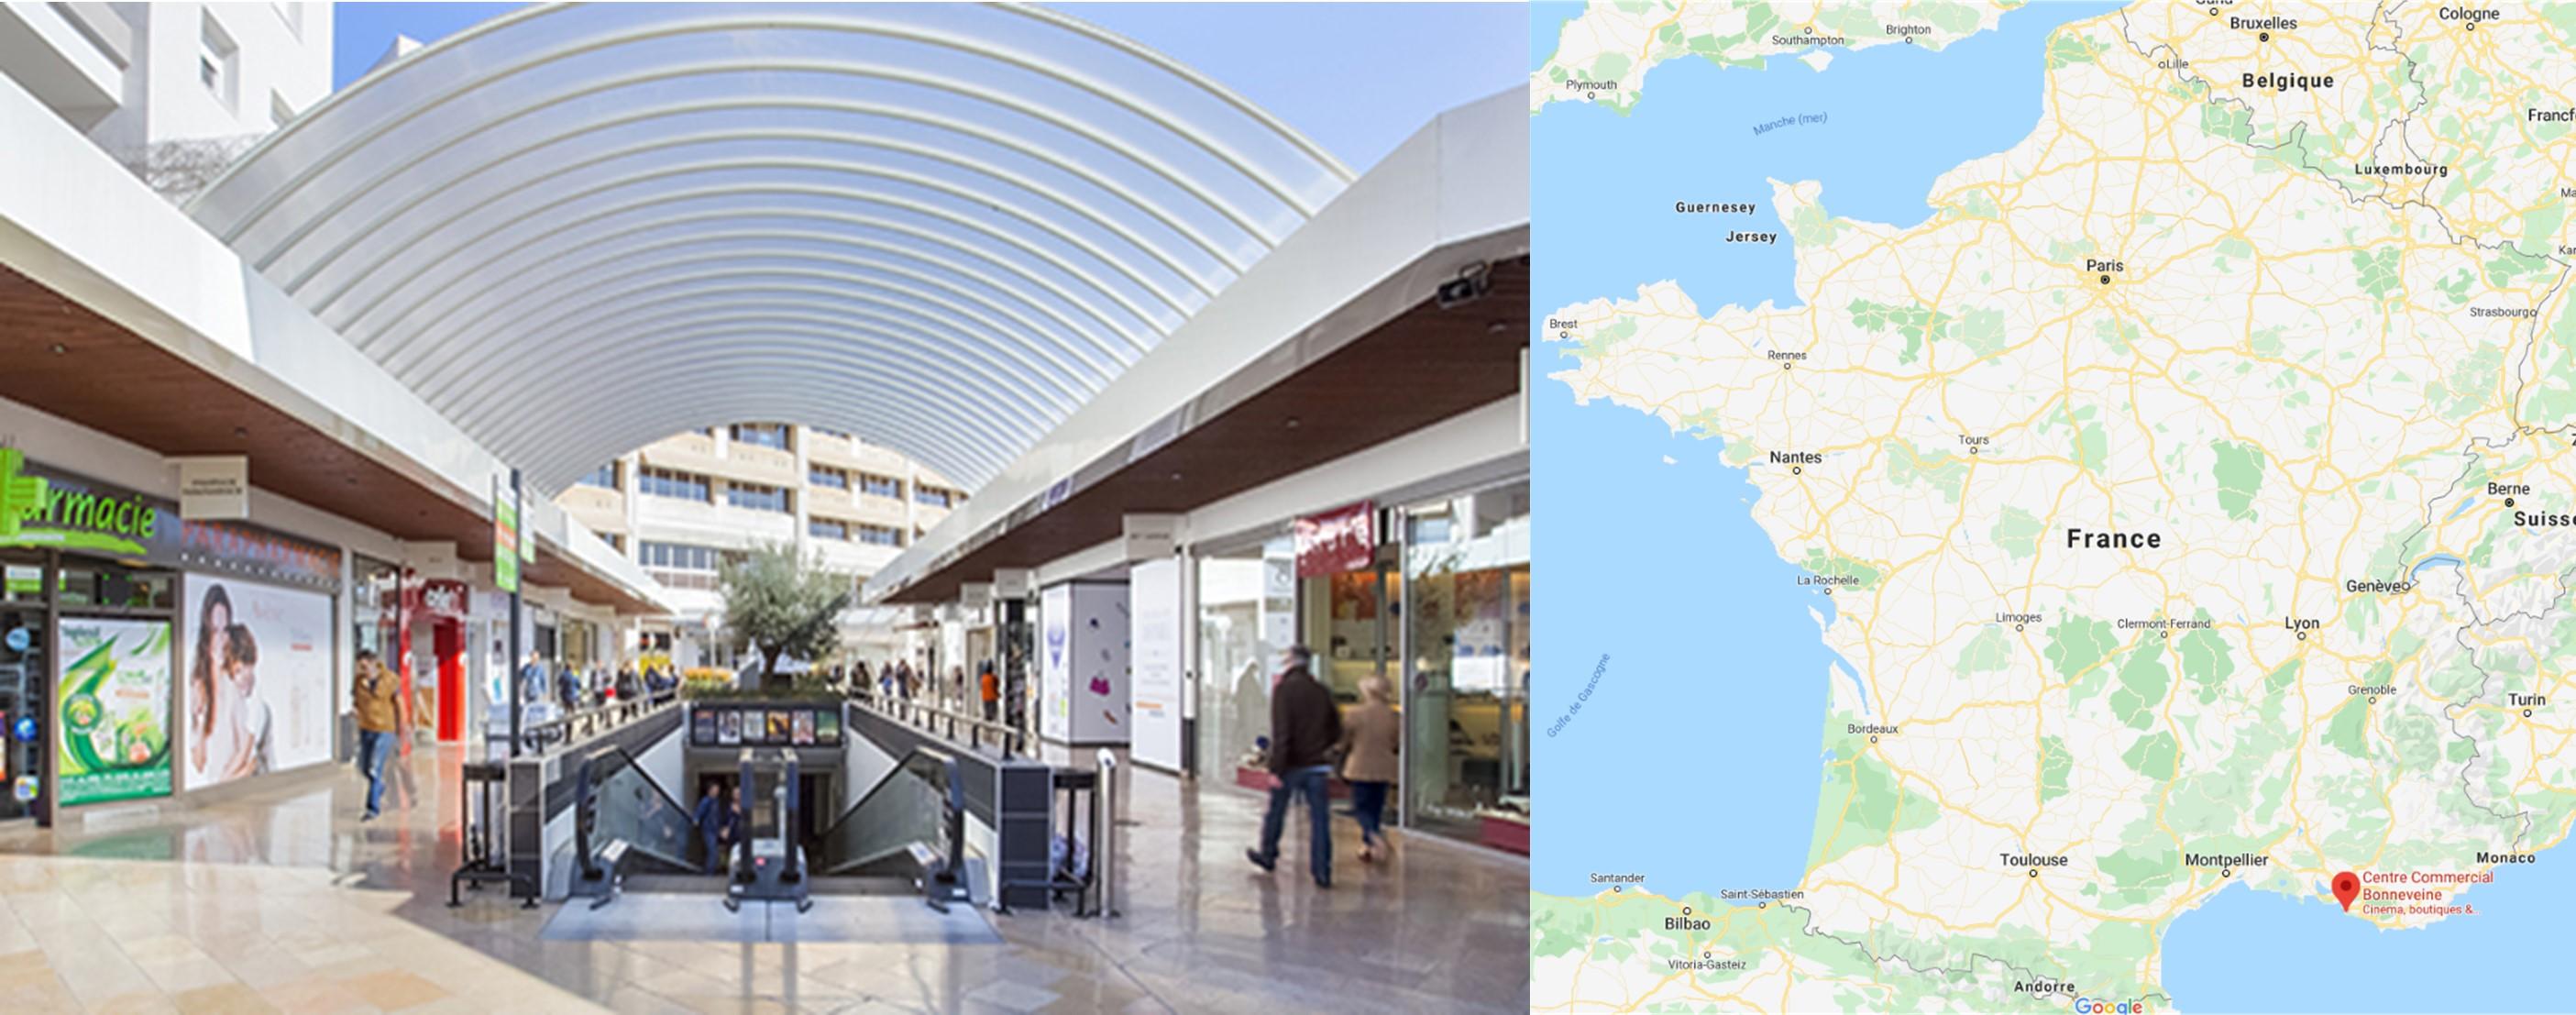 Galerie commerciale Bonneveine à Marseille